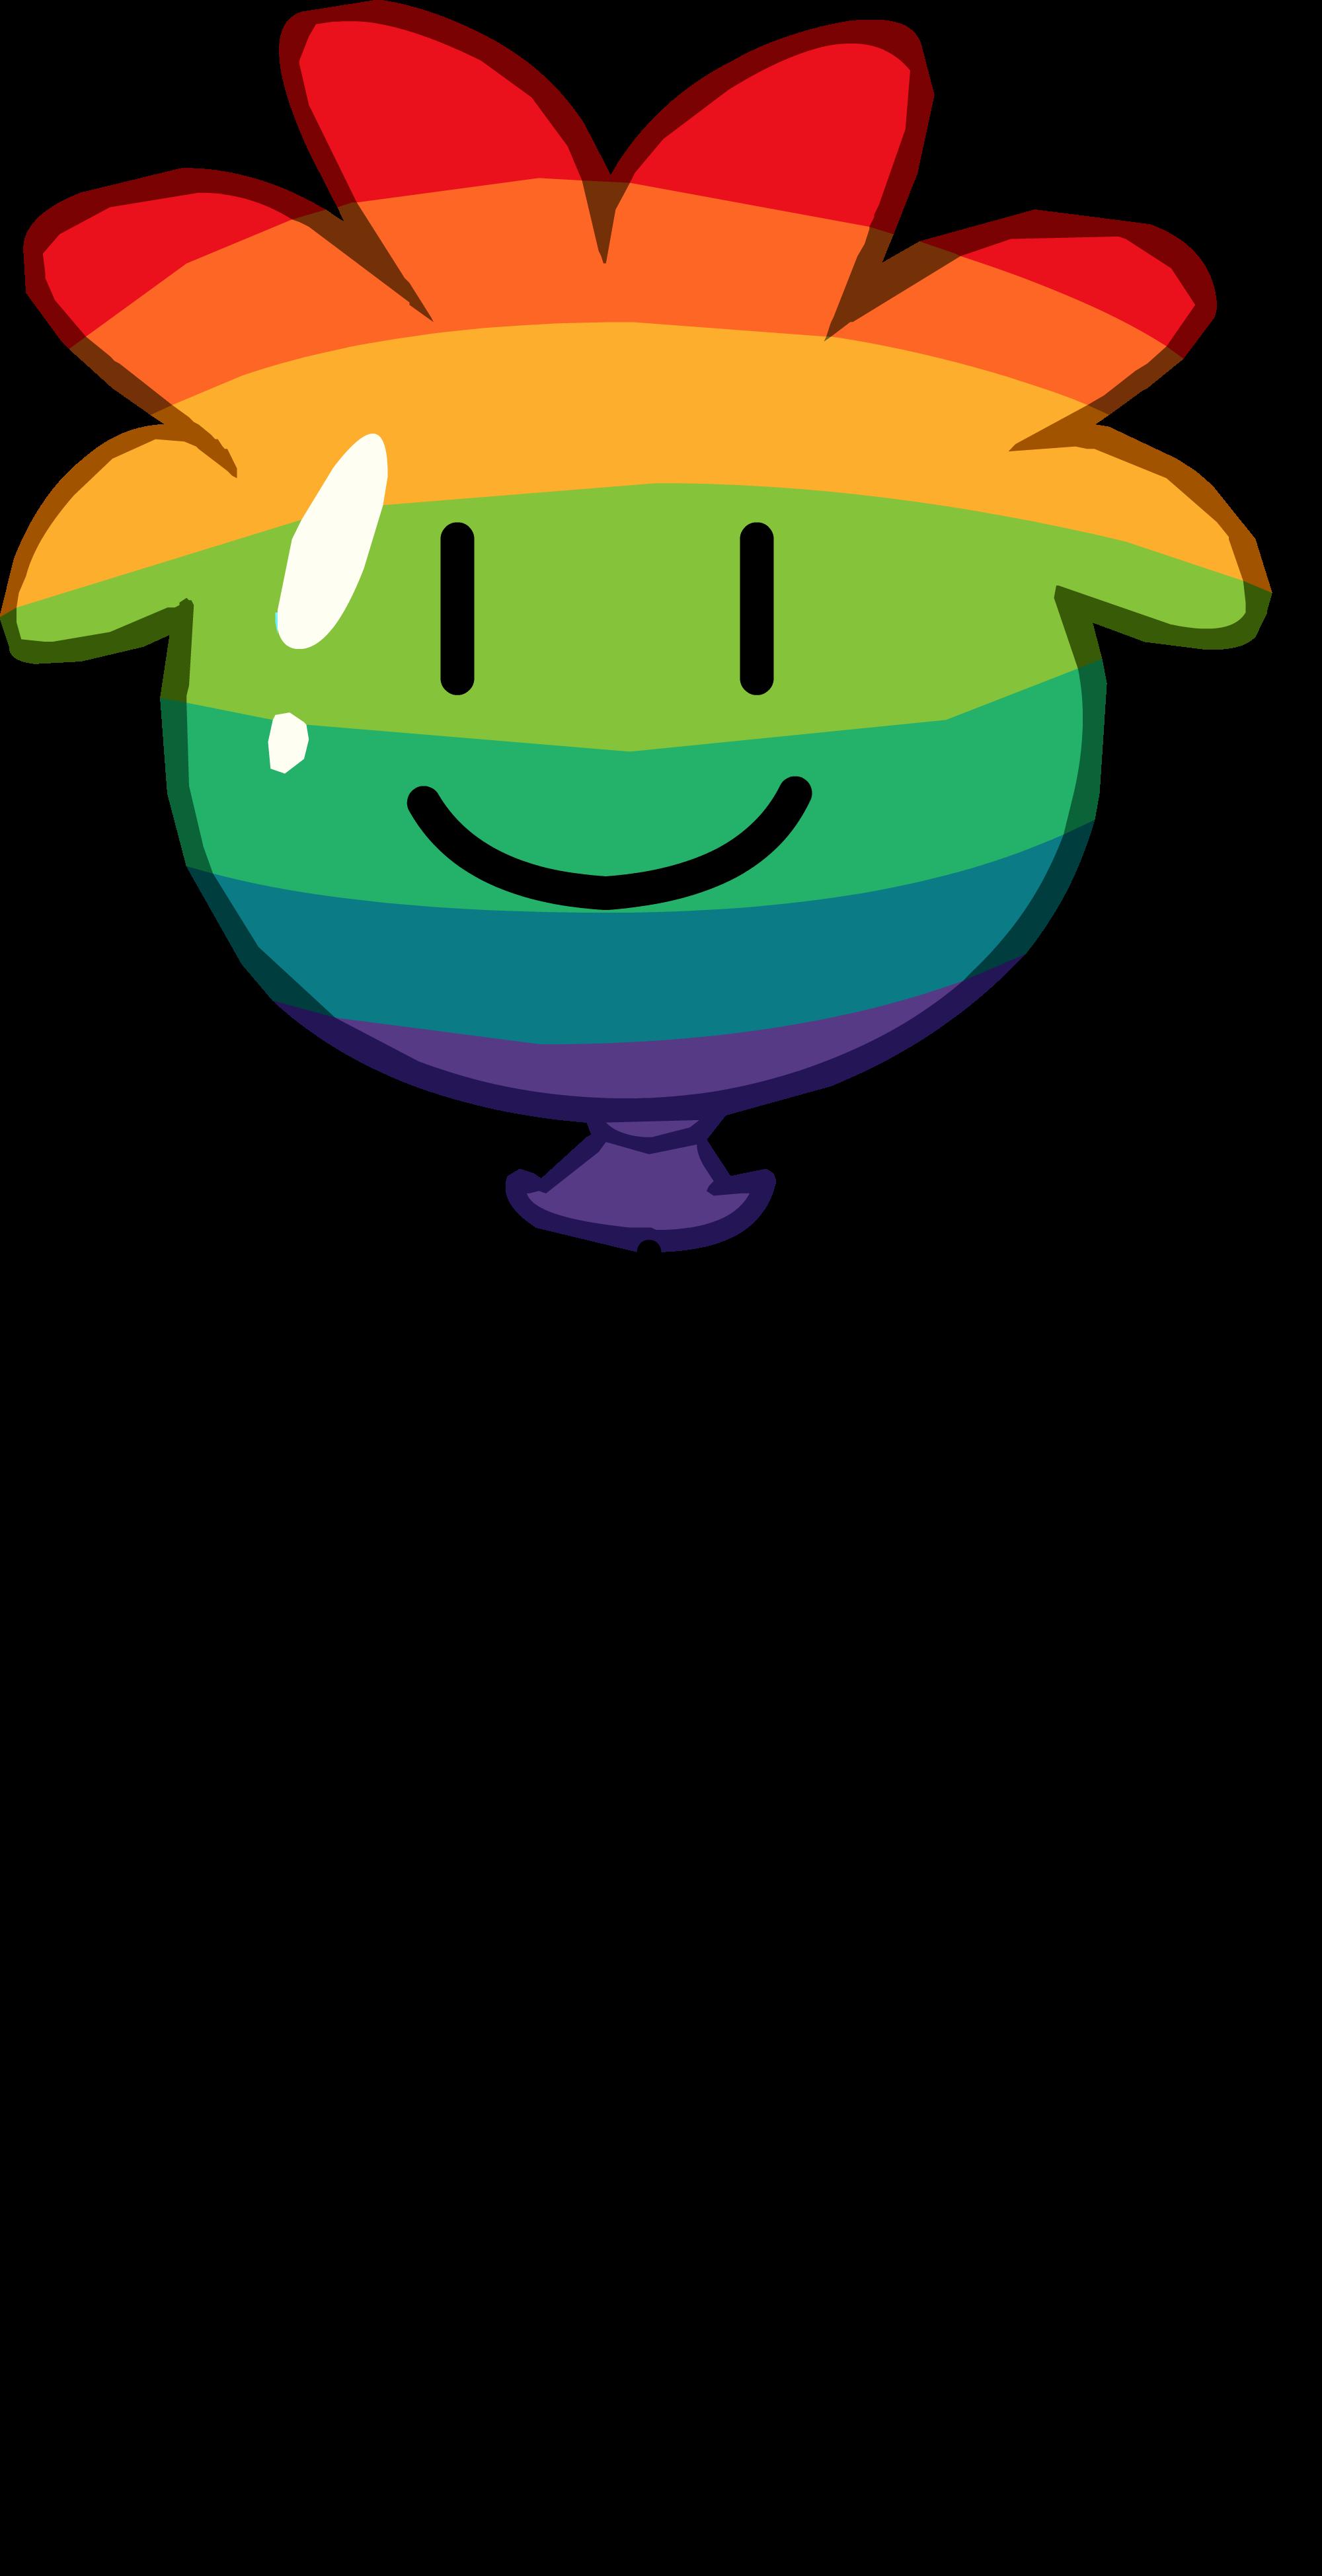 Globo de Puffle Multicolor